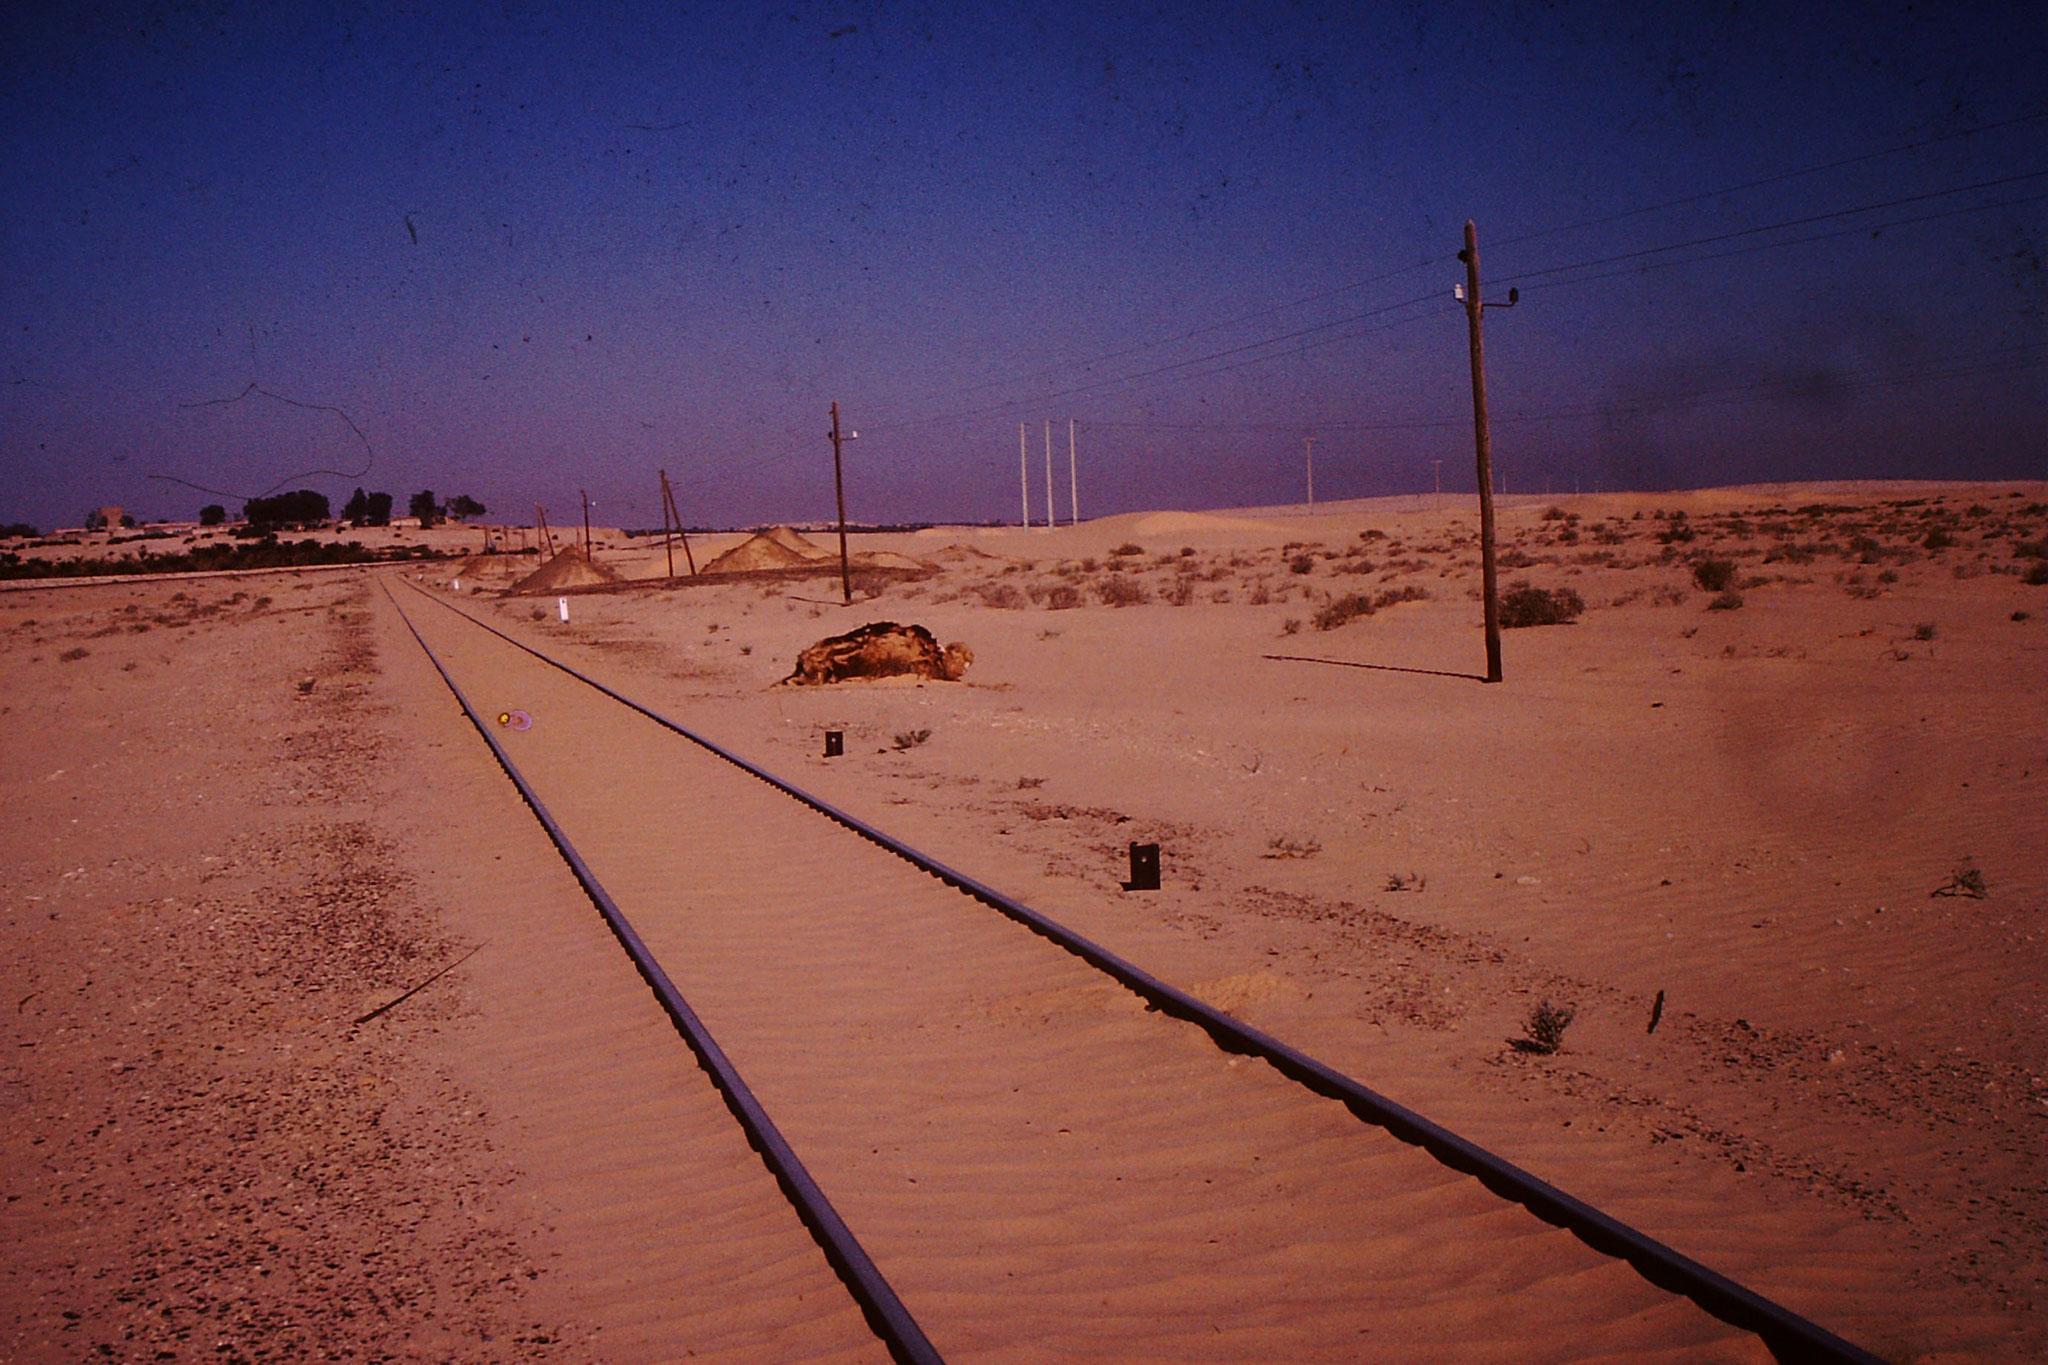 20. Irgenwie sieht dies befremdend aus. Es gibt aber tatsächlich eine Eisenbahnlinie in die Wüste.